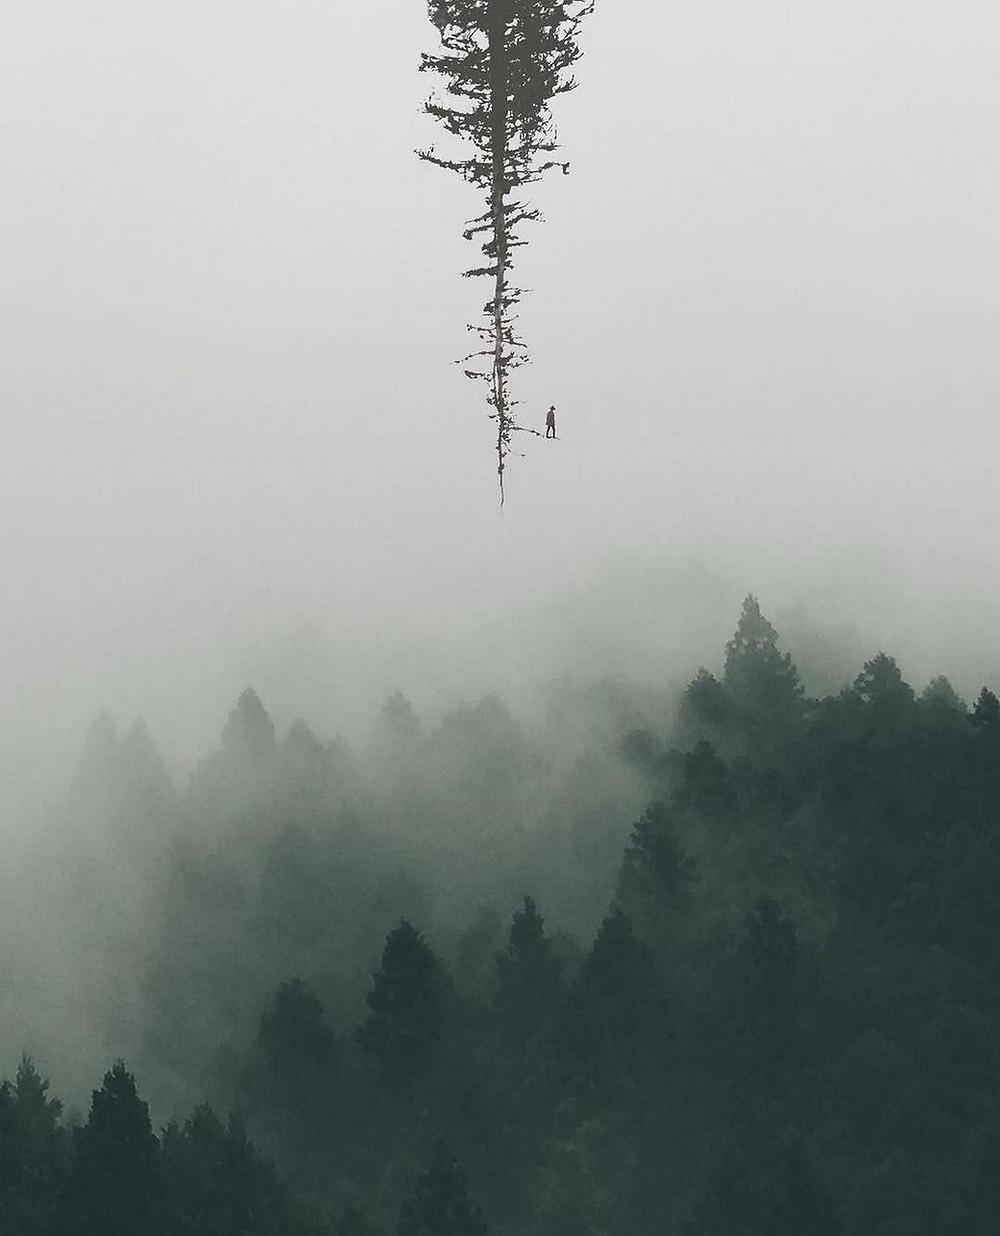 Photo de forêt dans la brume, une arbre pousse depuis le ciel, un homme à la cime de cet arbre